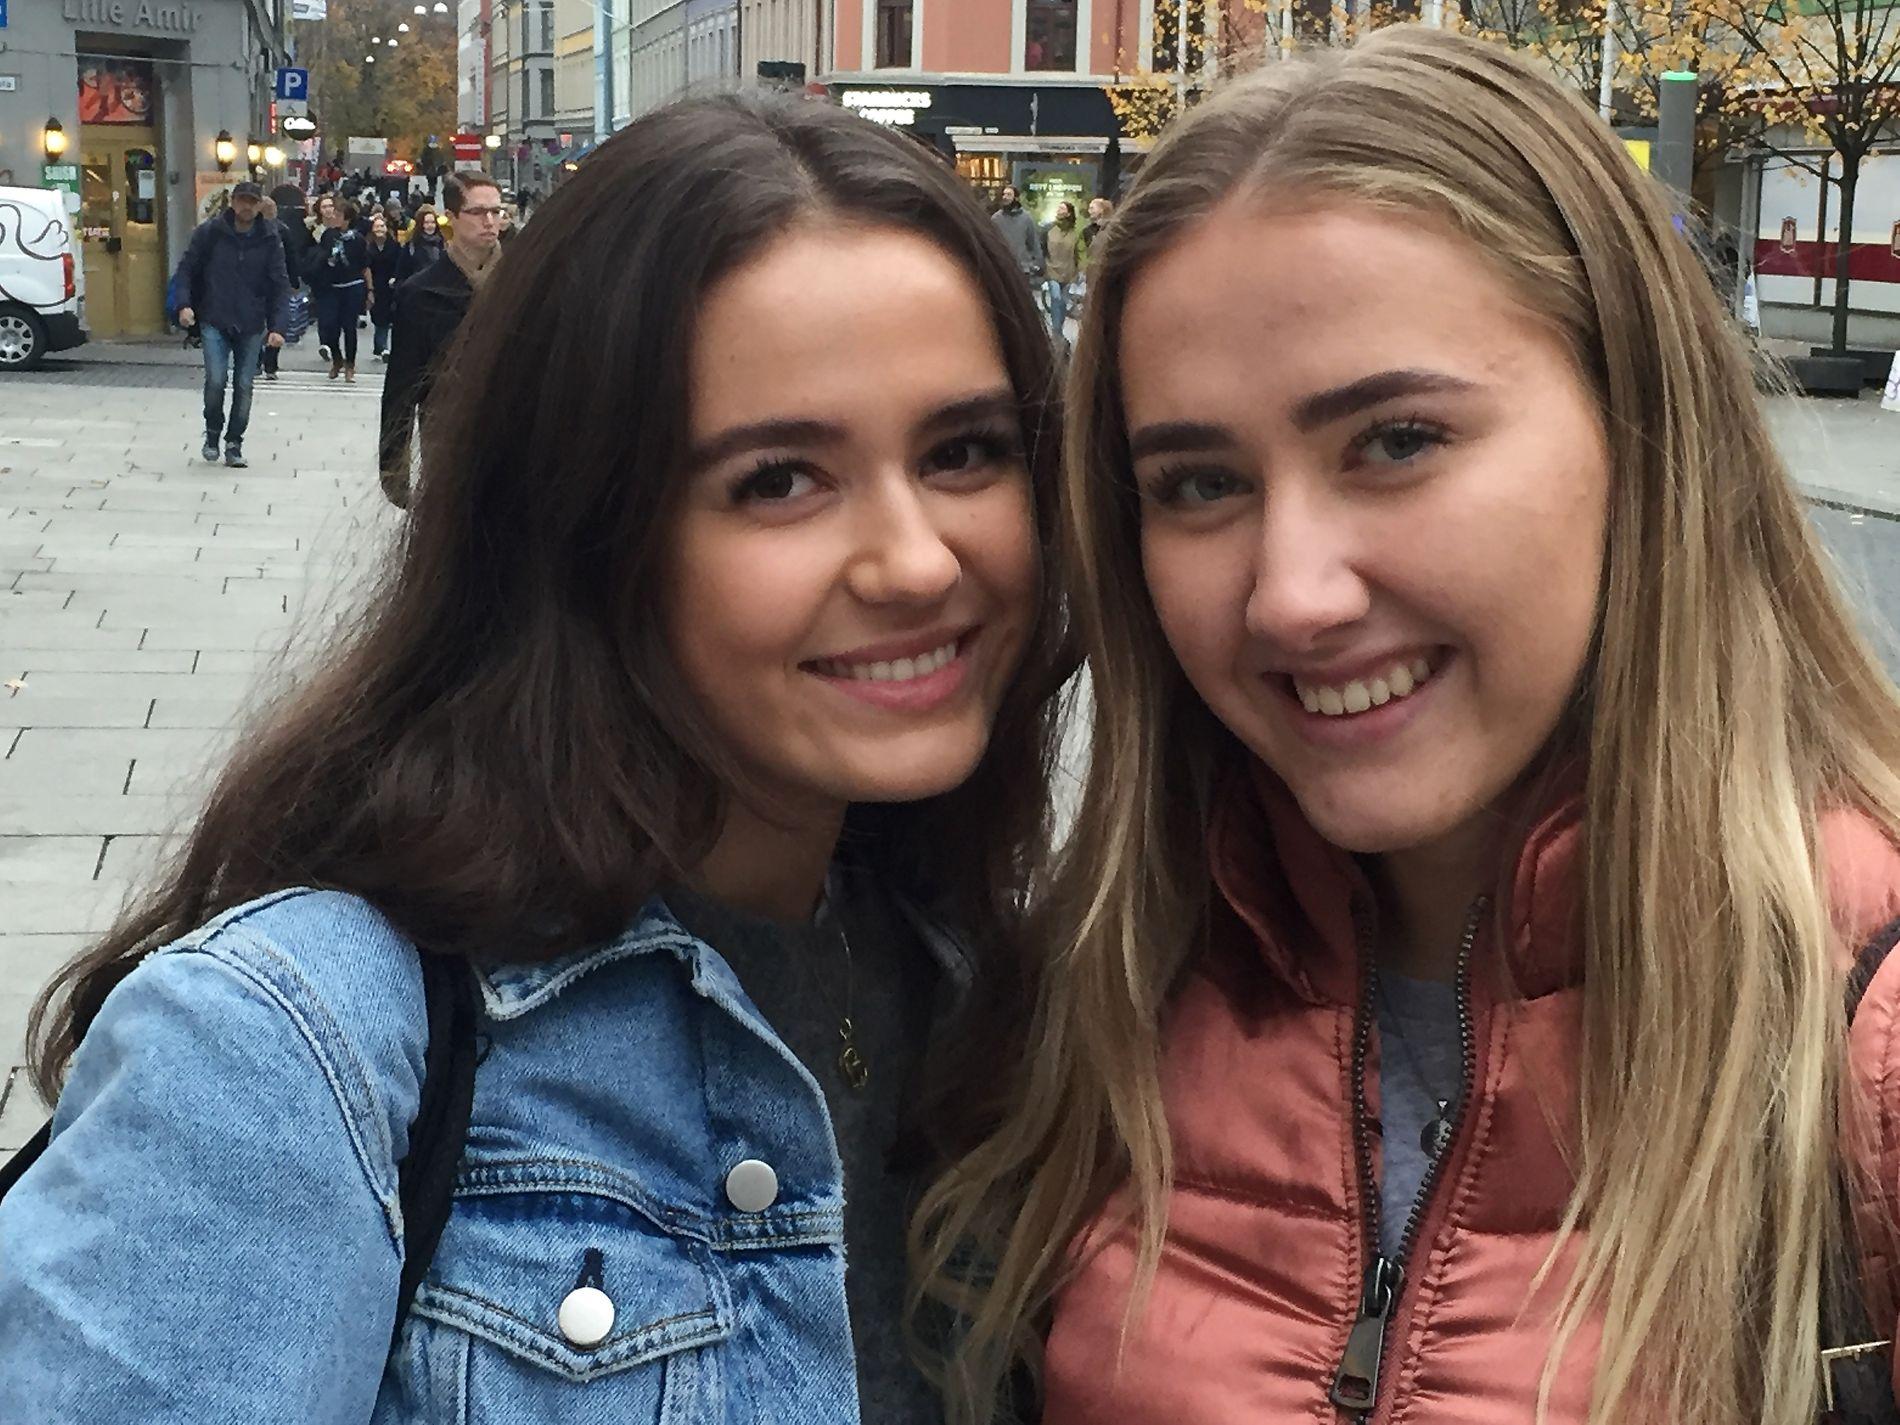 SENKET SKULDRENE: Fredagsfølelse og helgefri etter en lang skoleuke fikk frem smilet hos Emilie Ruud (til venstre) og Silje Engen. Men slik er ikke fasaden alltid, forsikrer de to 18-åringene.